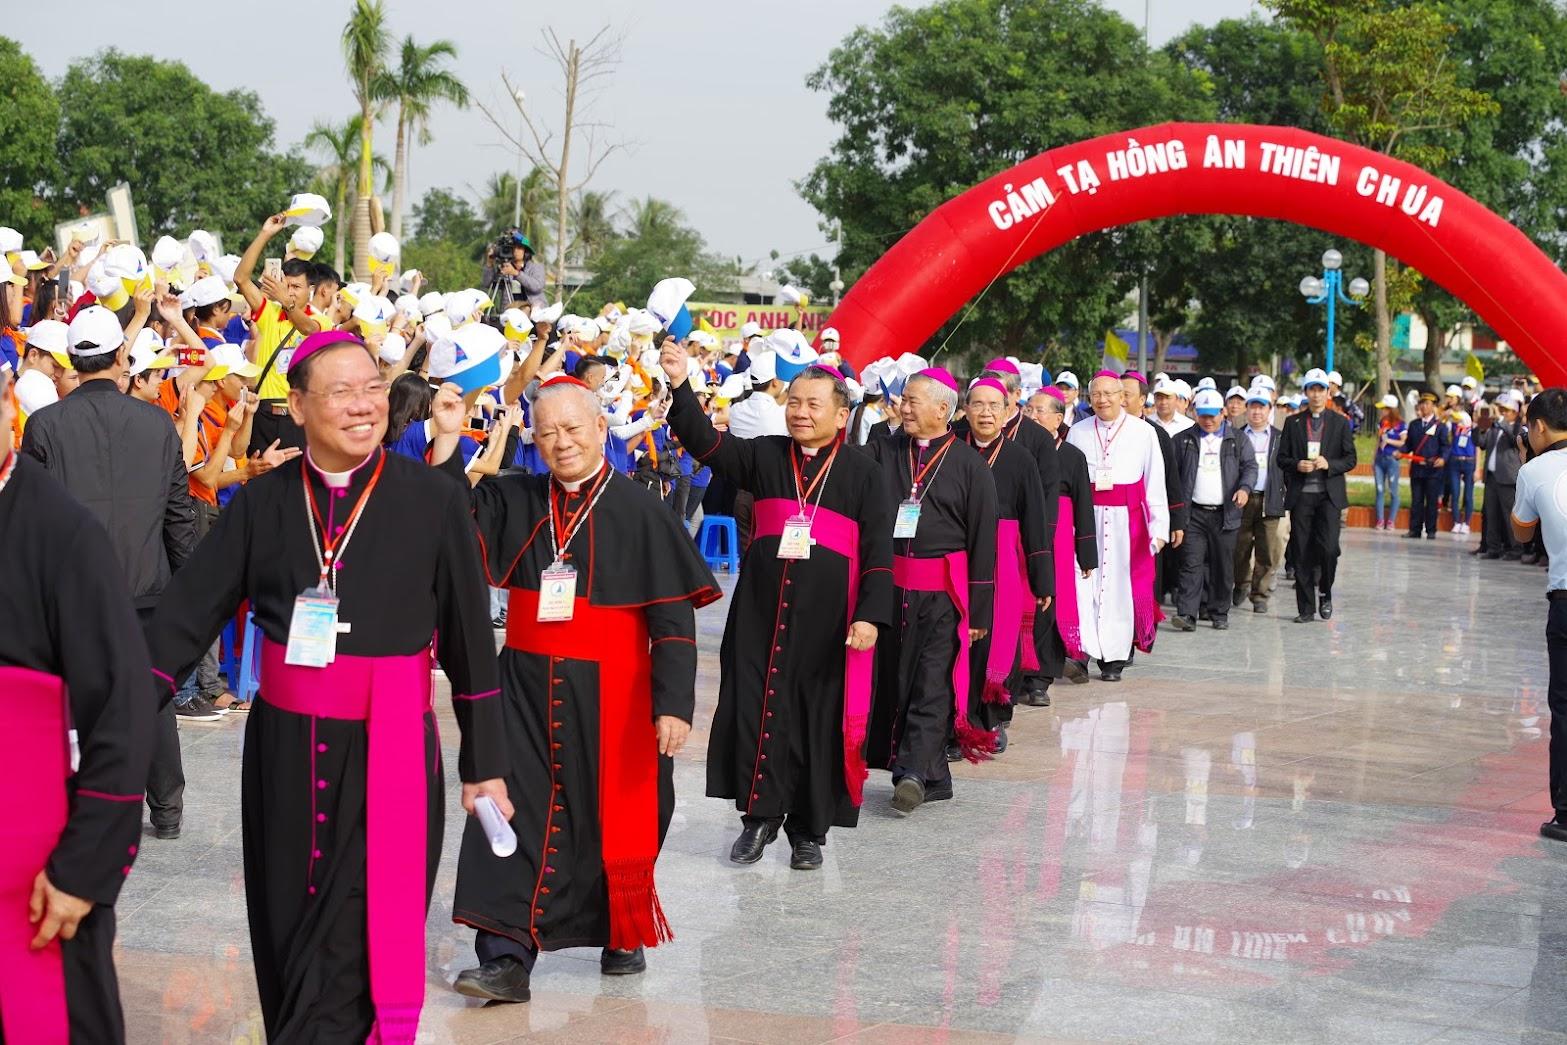 Những hình ảnh đẹp về lễ khai mạc Đại Hội Giới Trẻ giáo tỉnh Hà Nội lần thứ XV tại Thanh Hóa - Ảnh minh hoạ 11